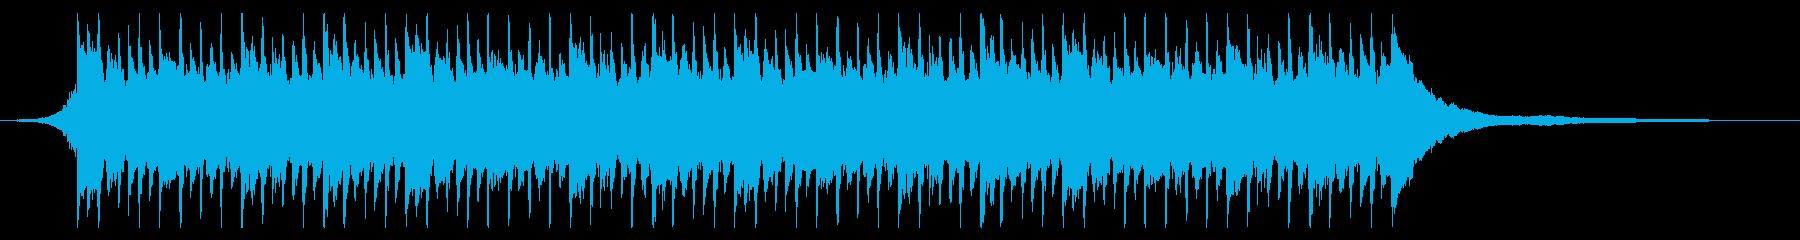 サビのみver ピアノ Spark 爽快の再生済みの波形